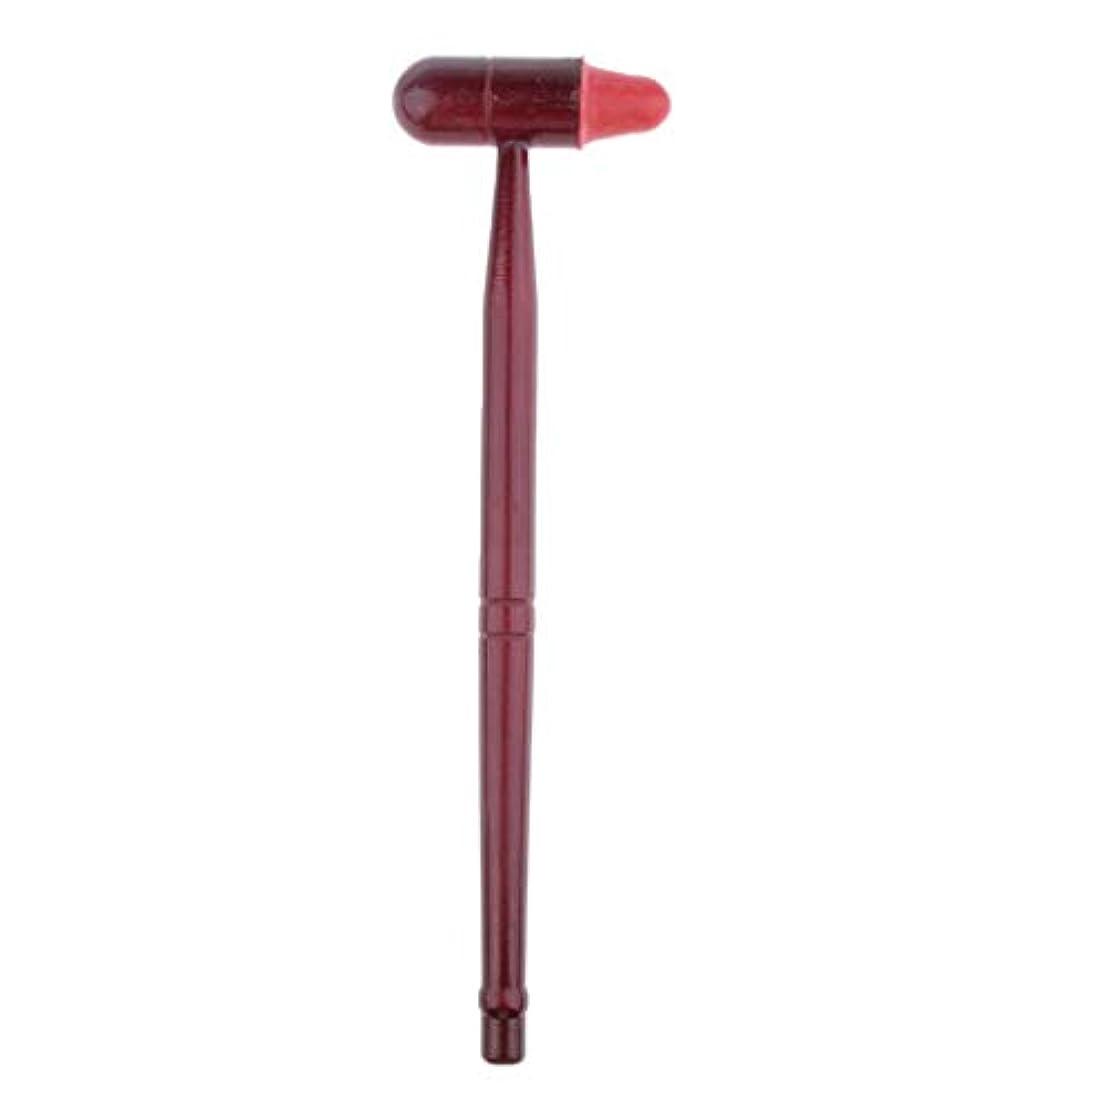 鍔植物のパブIPOTCH 木製 マッサージハンマー 肩たたき棒 ツボ押し ノックハンマー 痛みや疲労を緩和 健康 ツボ押し